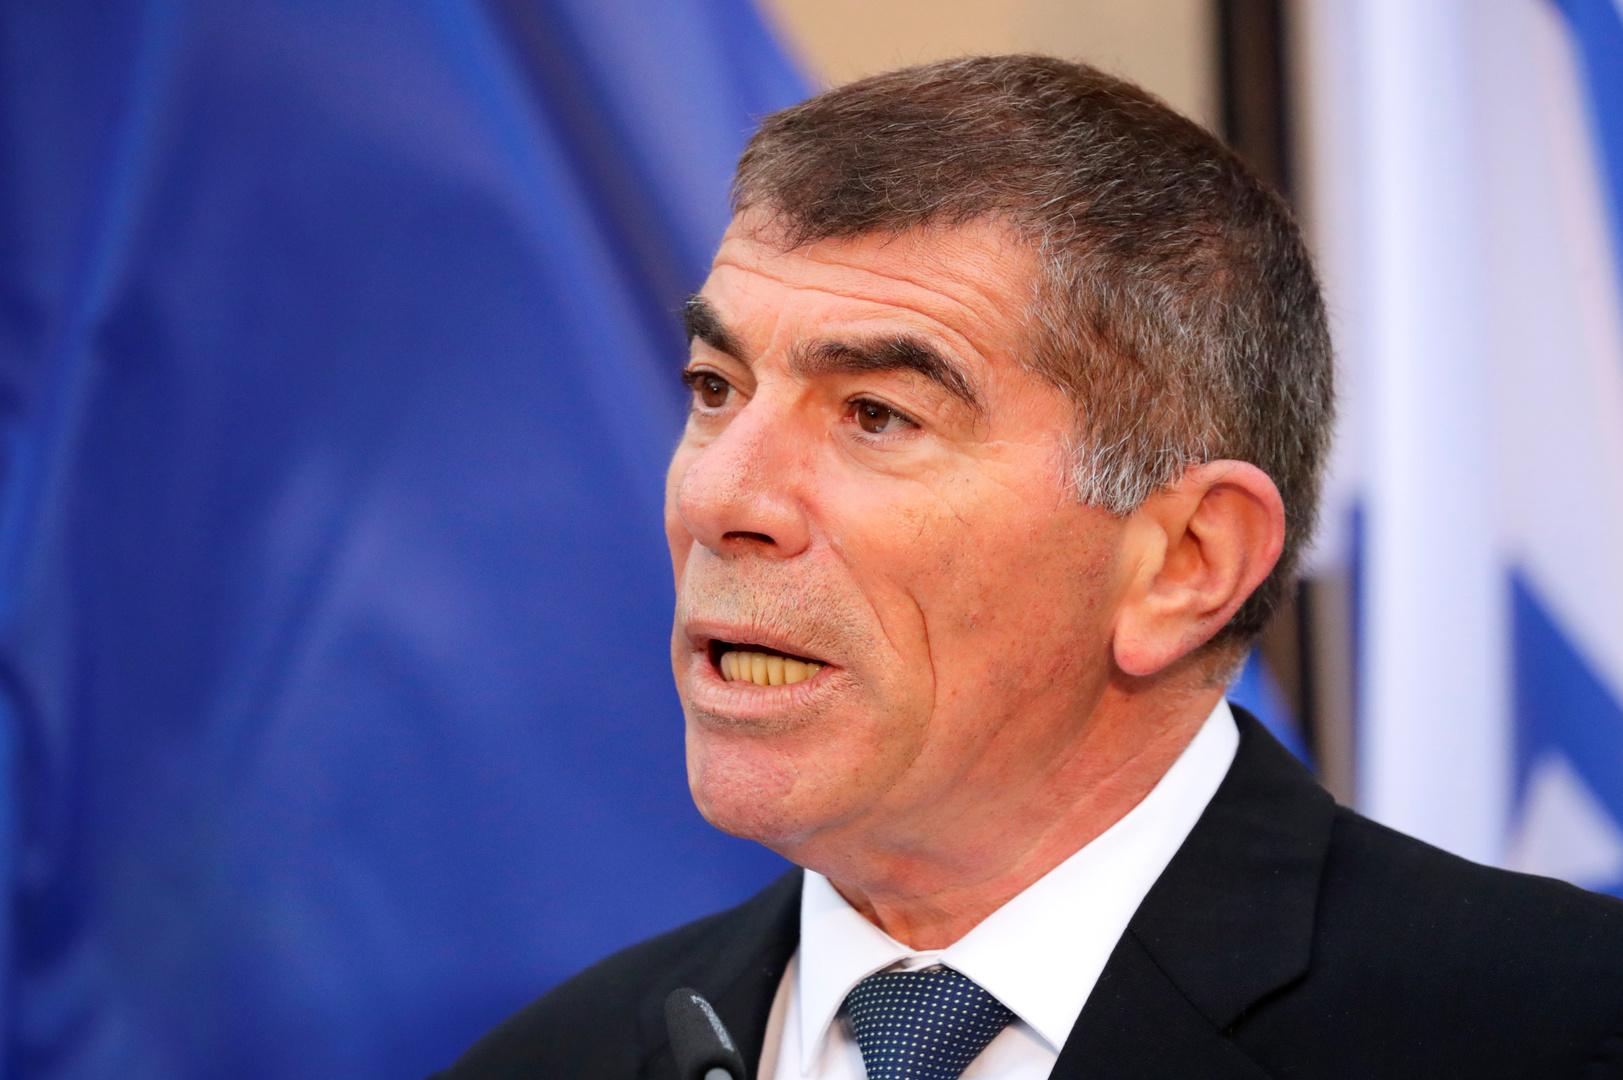 وزير الخارجية الإسرائيلية غابي أشكنازي